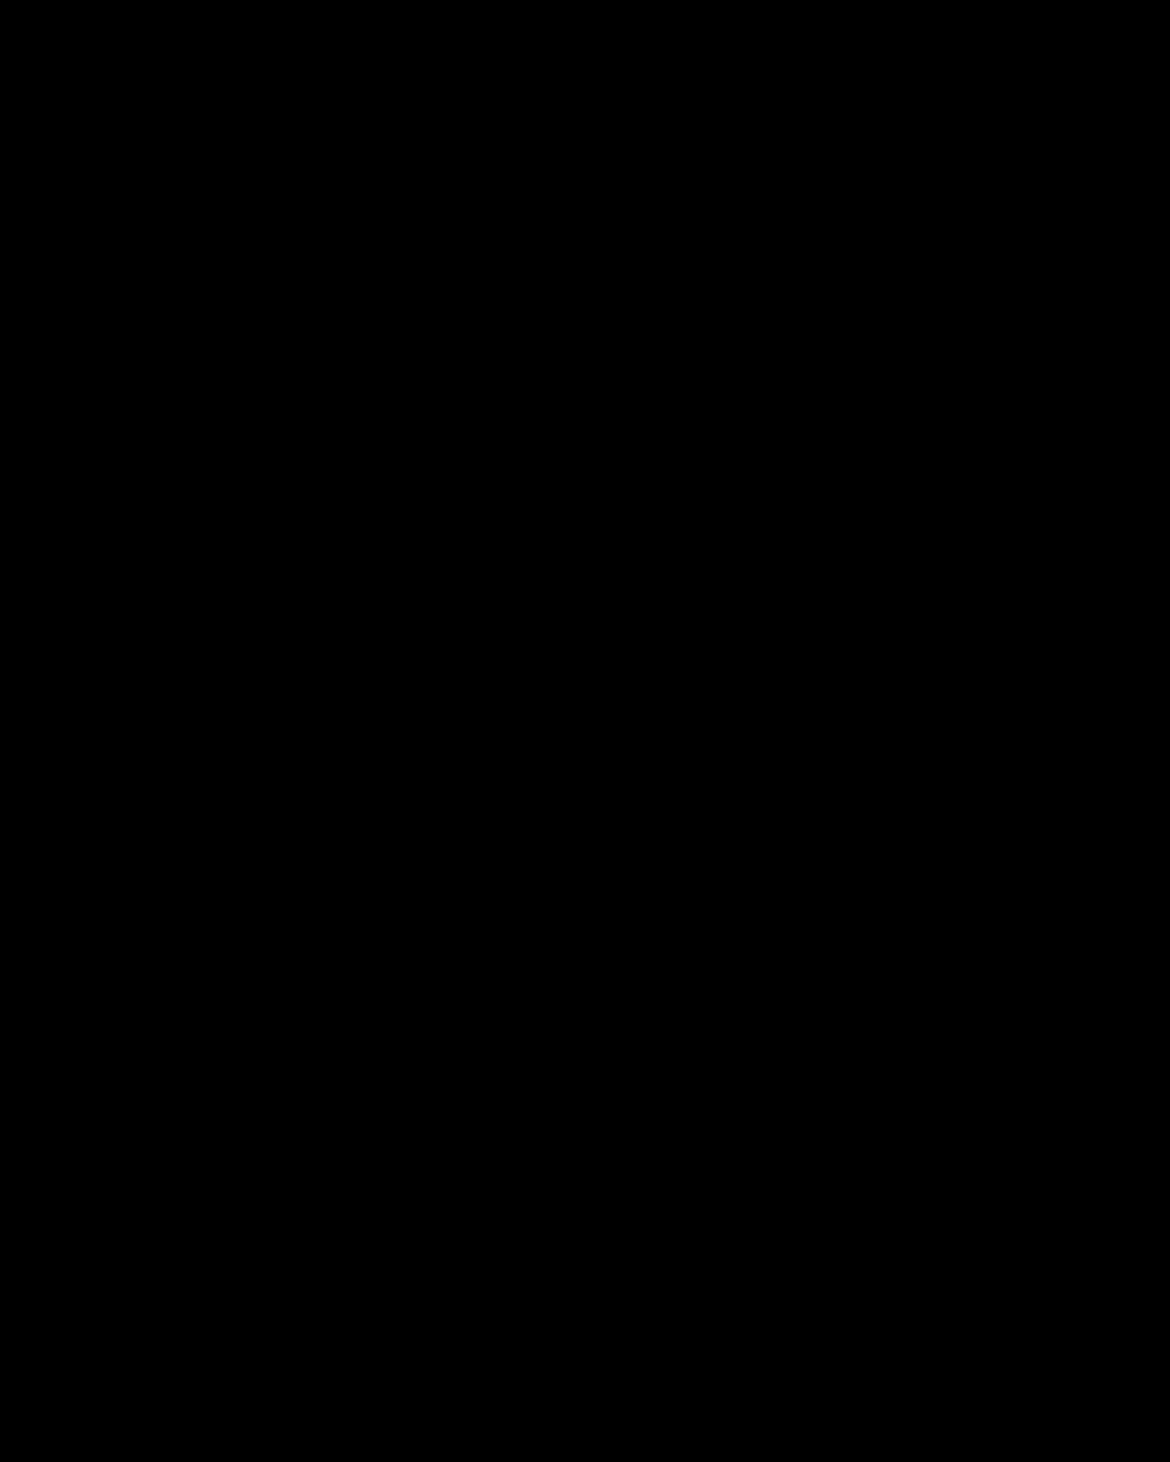 3 giorni a Taormina: cosa vedere, dove dormire e mangiare by Laura Comolli - Belmond Villa Sant'Andrea spiaggia